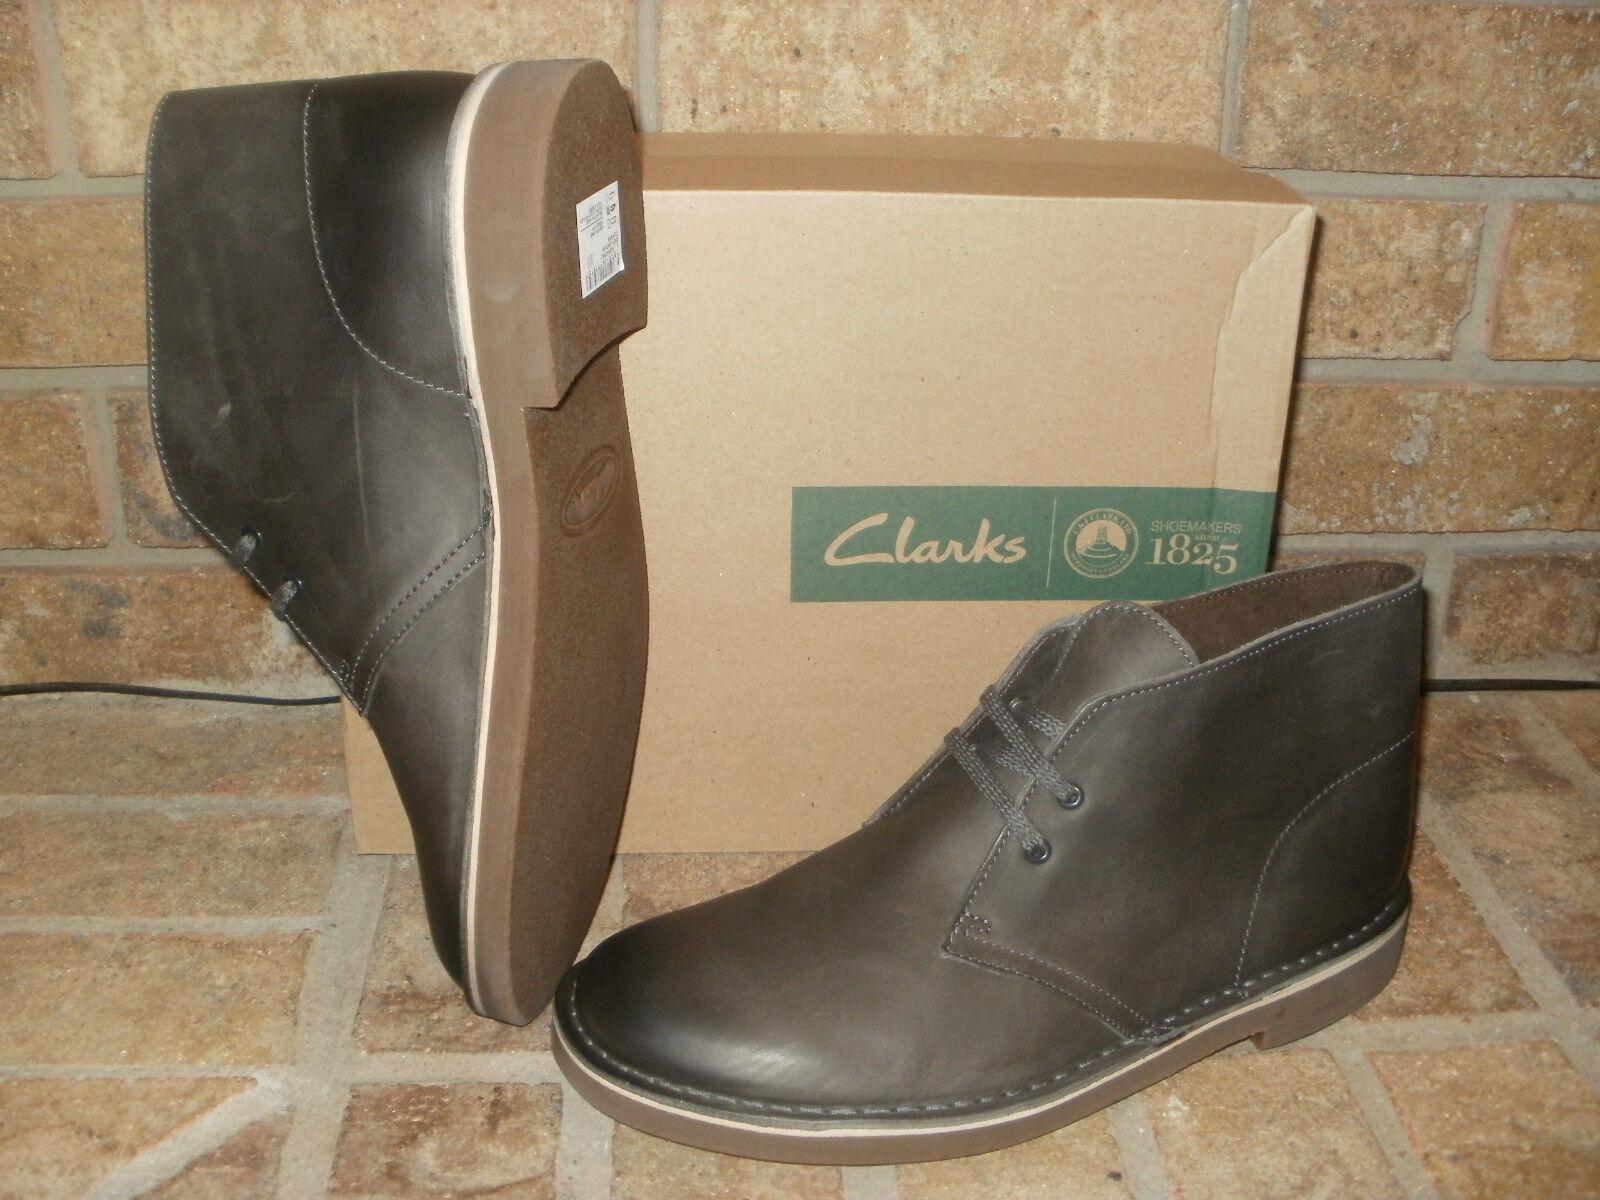 New Leder Clarks Bushacre 2 Gray Leder New Chukka Boot/ 100 dbffee